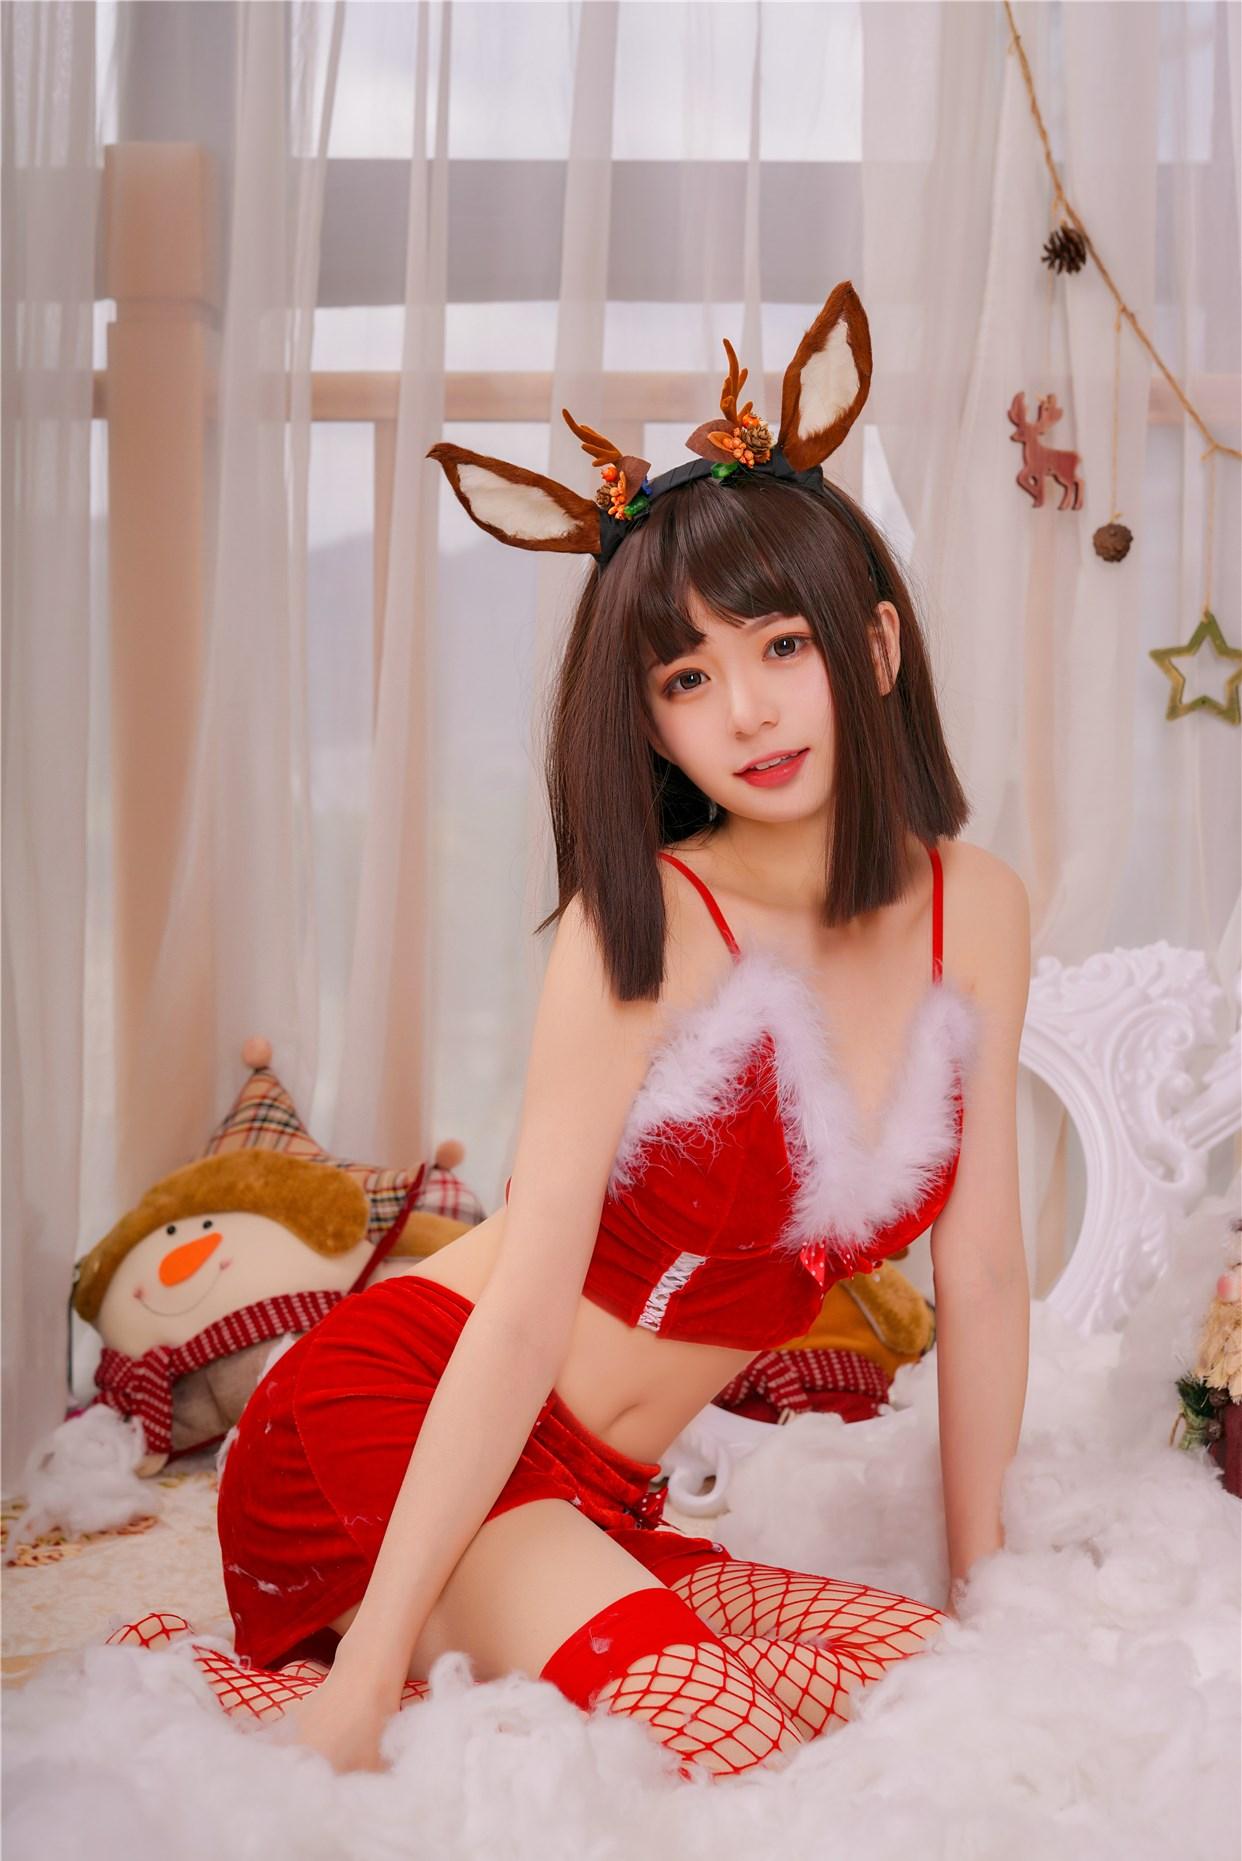 【兔玩映画】甜甜的小麋鹿 兔玩映画 第9张